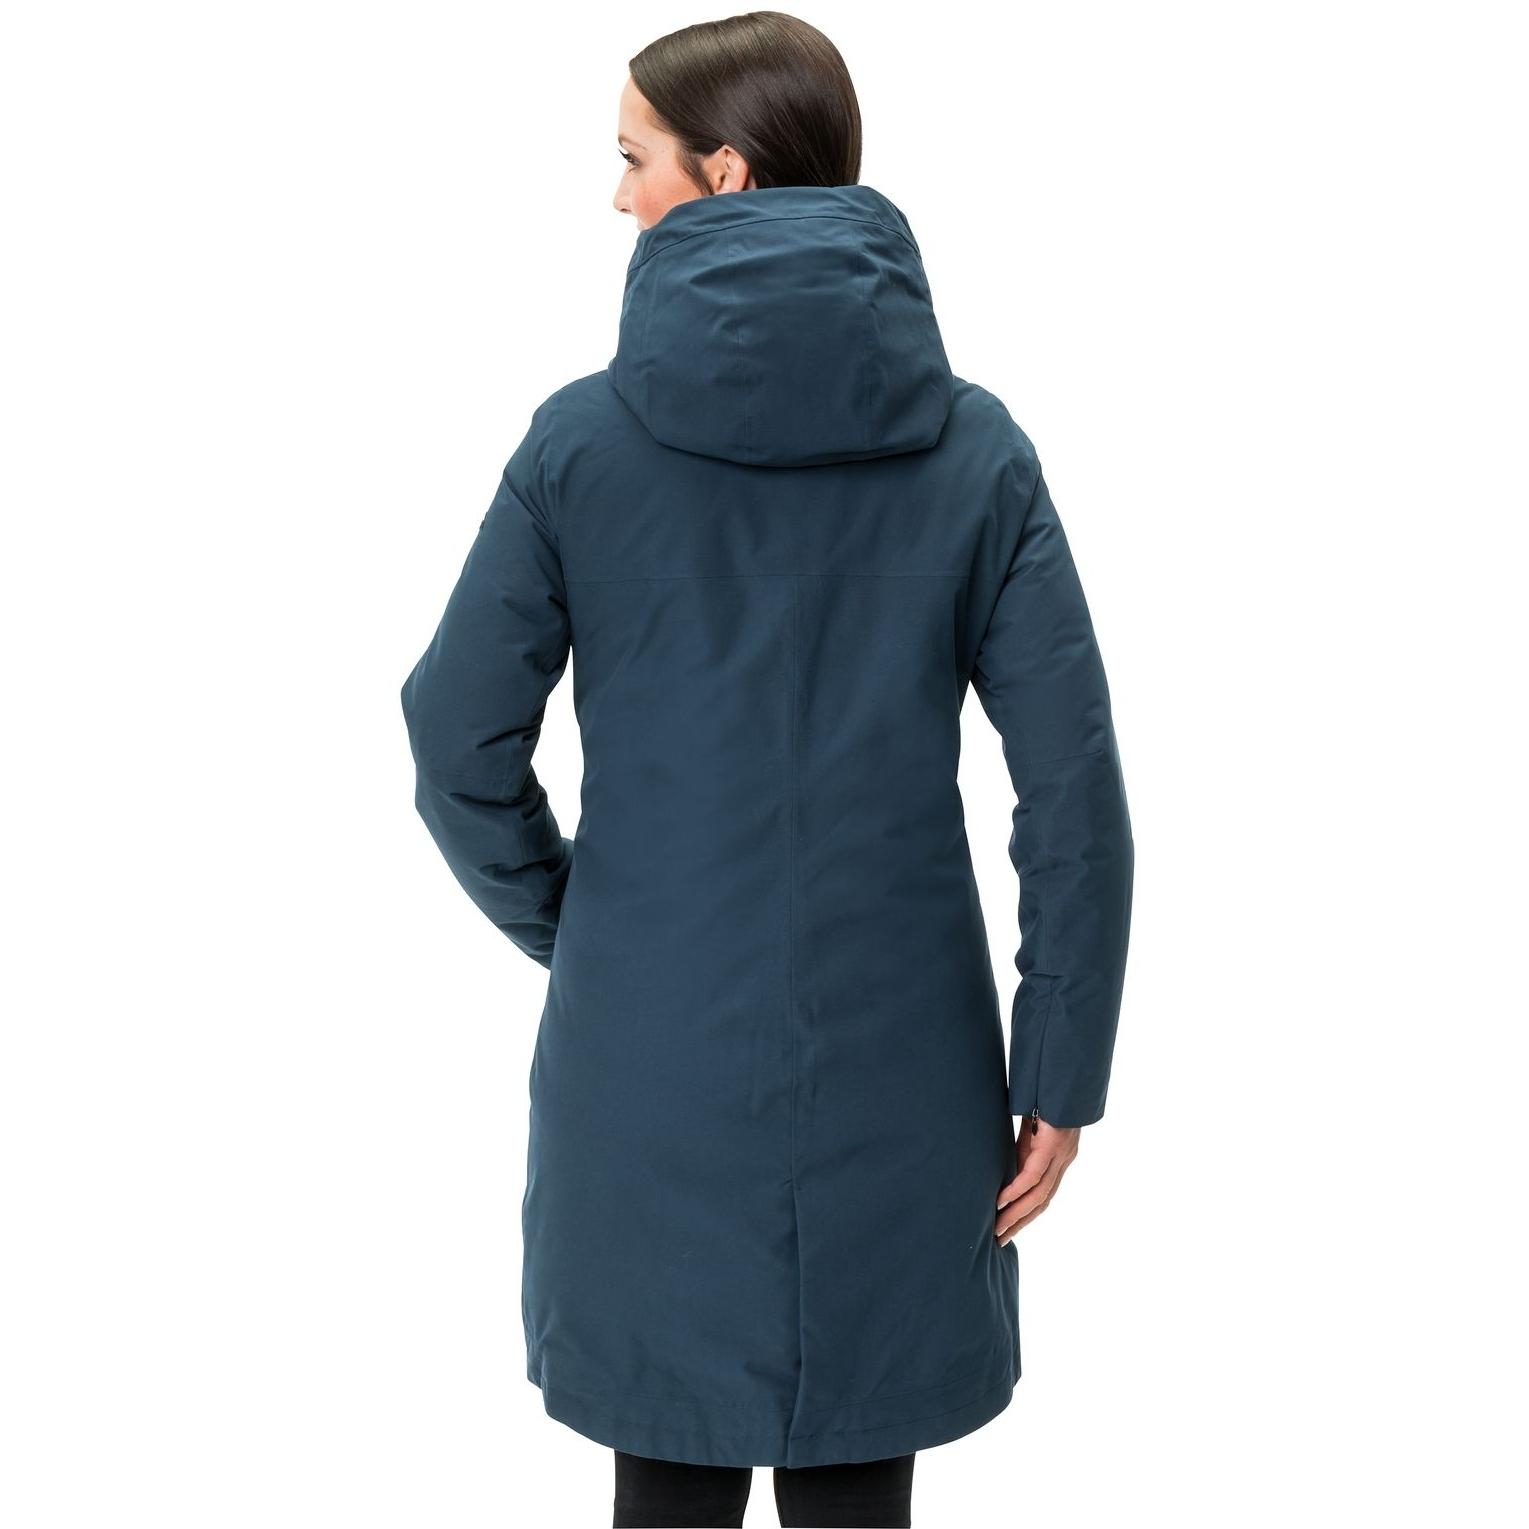 Image of Vaude Women's Annecy 3in1 Coat III - dark sea